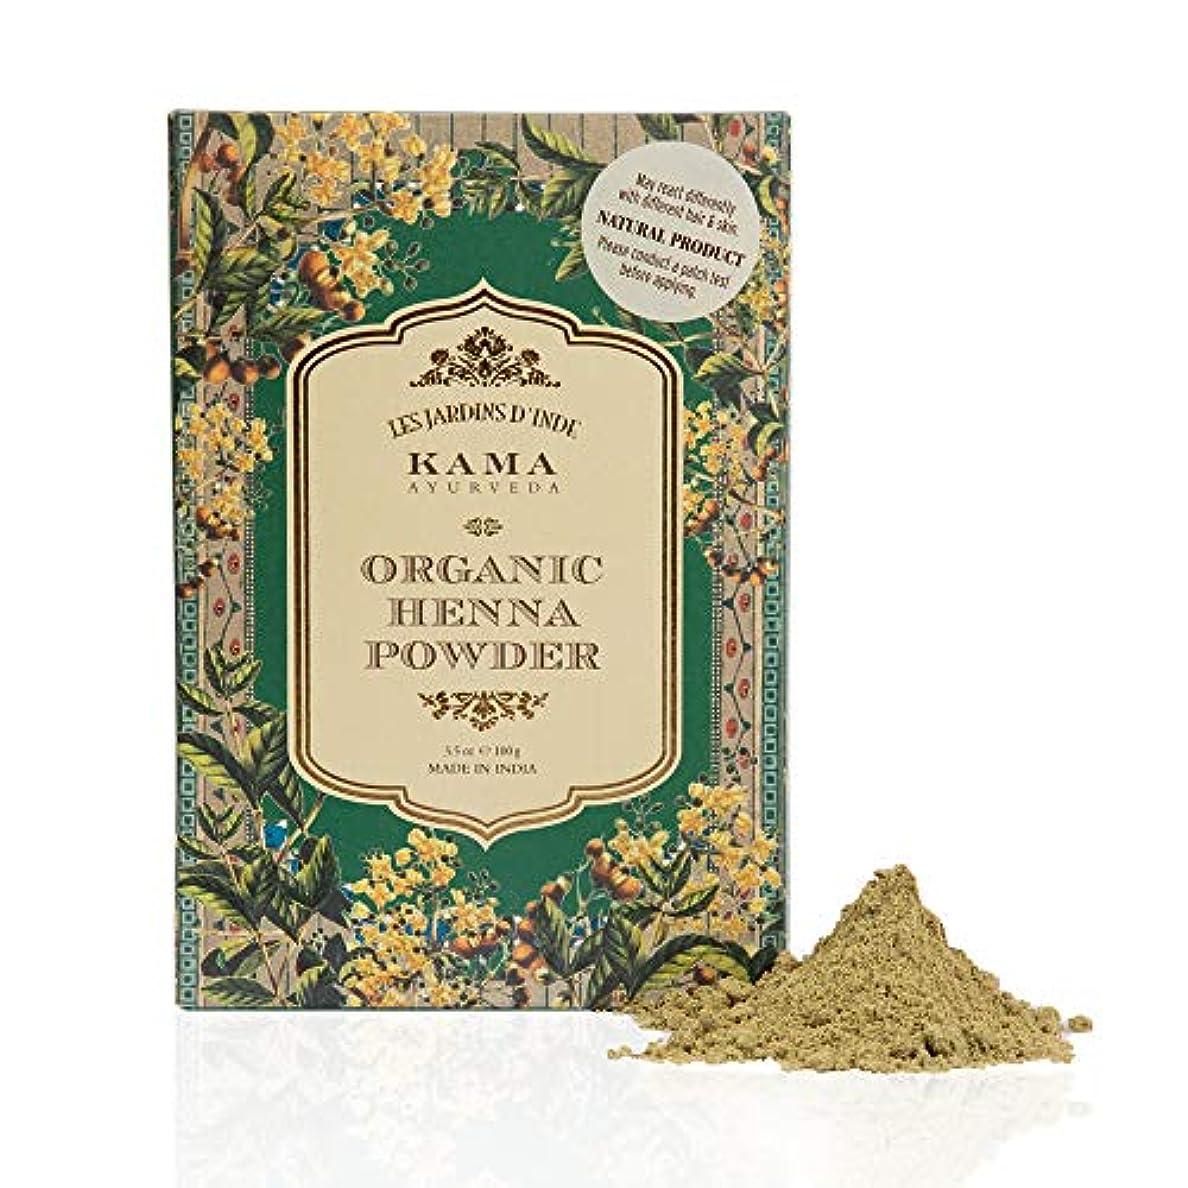 バケットコンピューター精査KAMA AYURVEDA 100% 有機 オーガニック ヘナ パウダー Organic Henna Powder, 100g